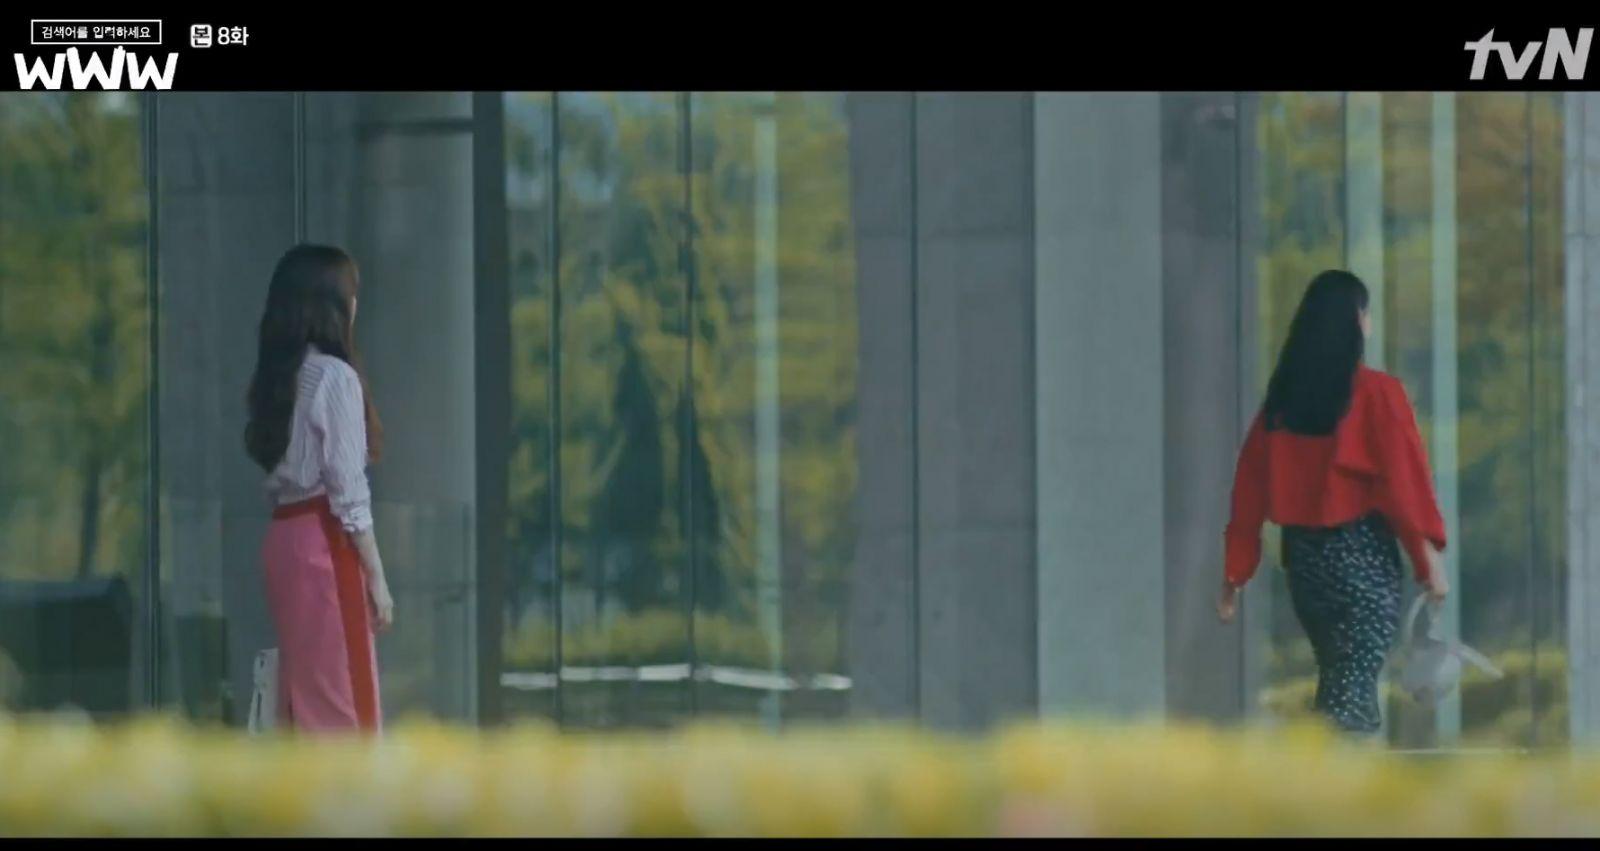 韓国美容,Kbeauty,Kビューティー,イム・スジョン,limsoojung,チャン・ギヨン,JangKiYong,イ・ダヒ,チョン・ヘジン,ソル・ジファン,チ・スンヒョン,WWW,検索ワードを入力してください:WWW,オフィスルック,韓国オフィスルック,韓国ファッション,오피스룩